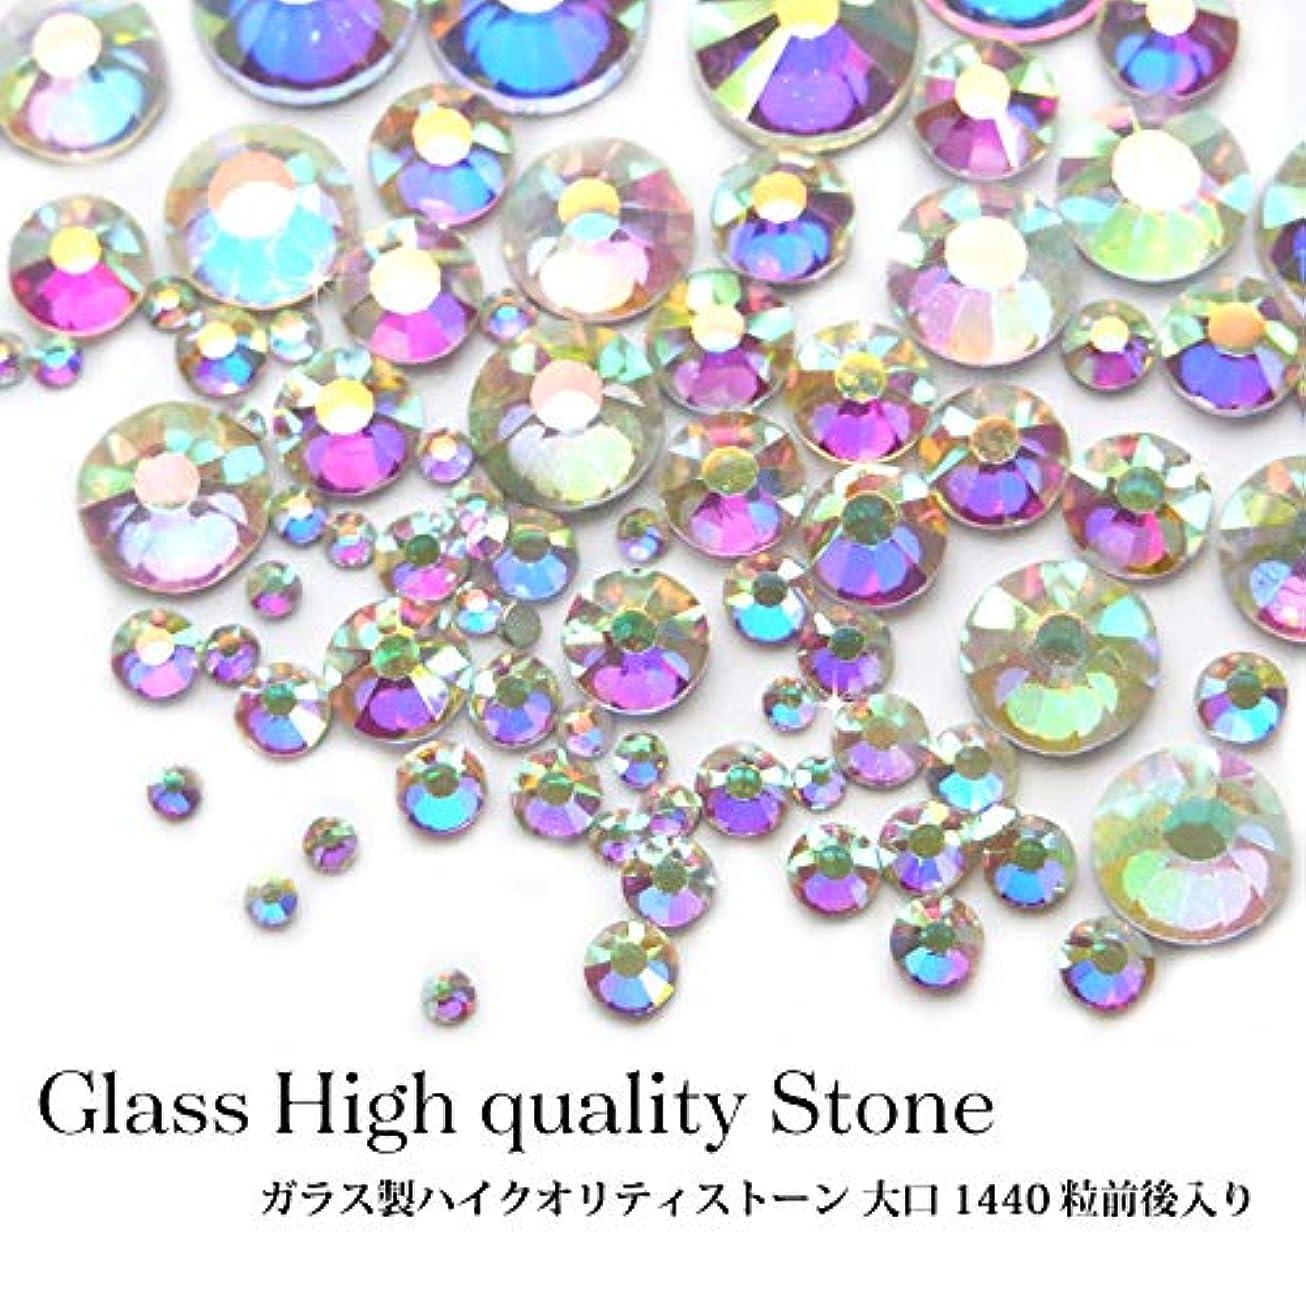 解決スモッグ残酷ラインストーン 高品質 High quality ガラス ストーン 大口 1440粒前後入り 1.クリスタルAB N00060 2.SS5(約1.8mm)